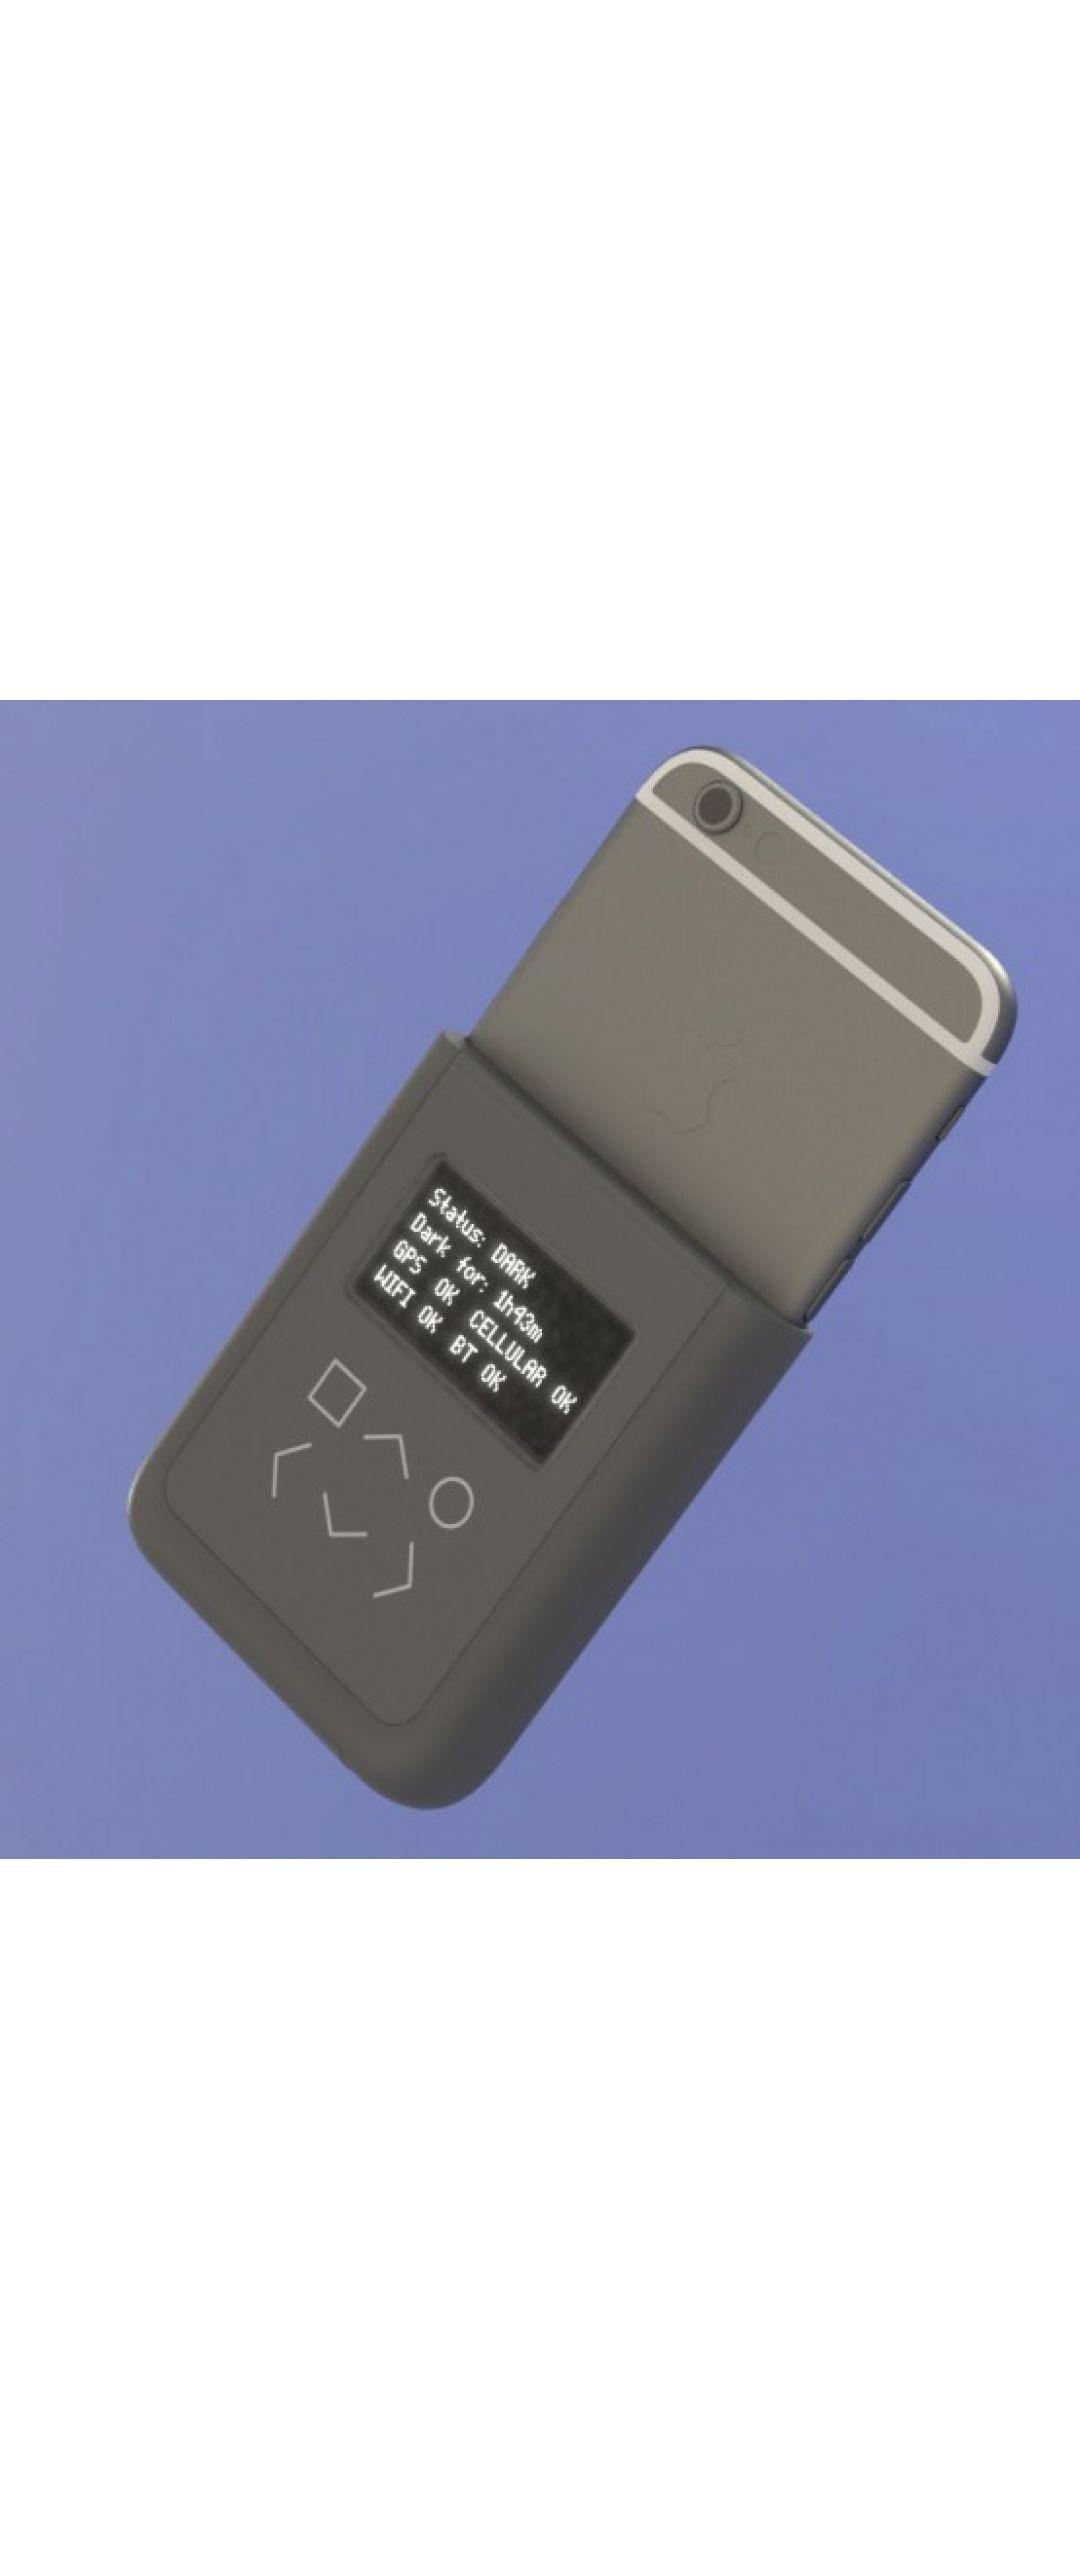 Edward Snowden dise�a un accesorio para evitar que esp�en tu iPhone